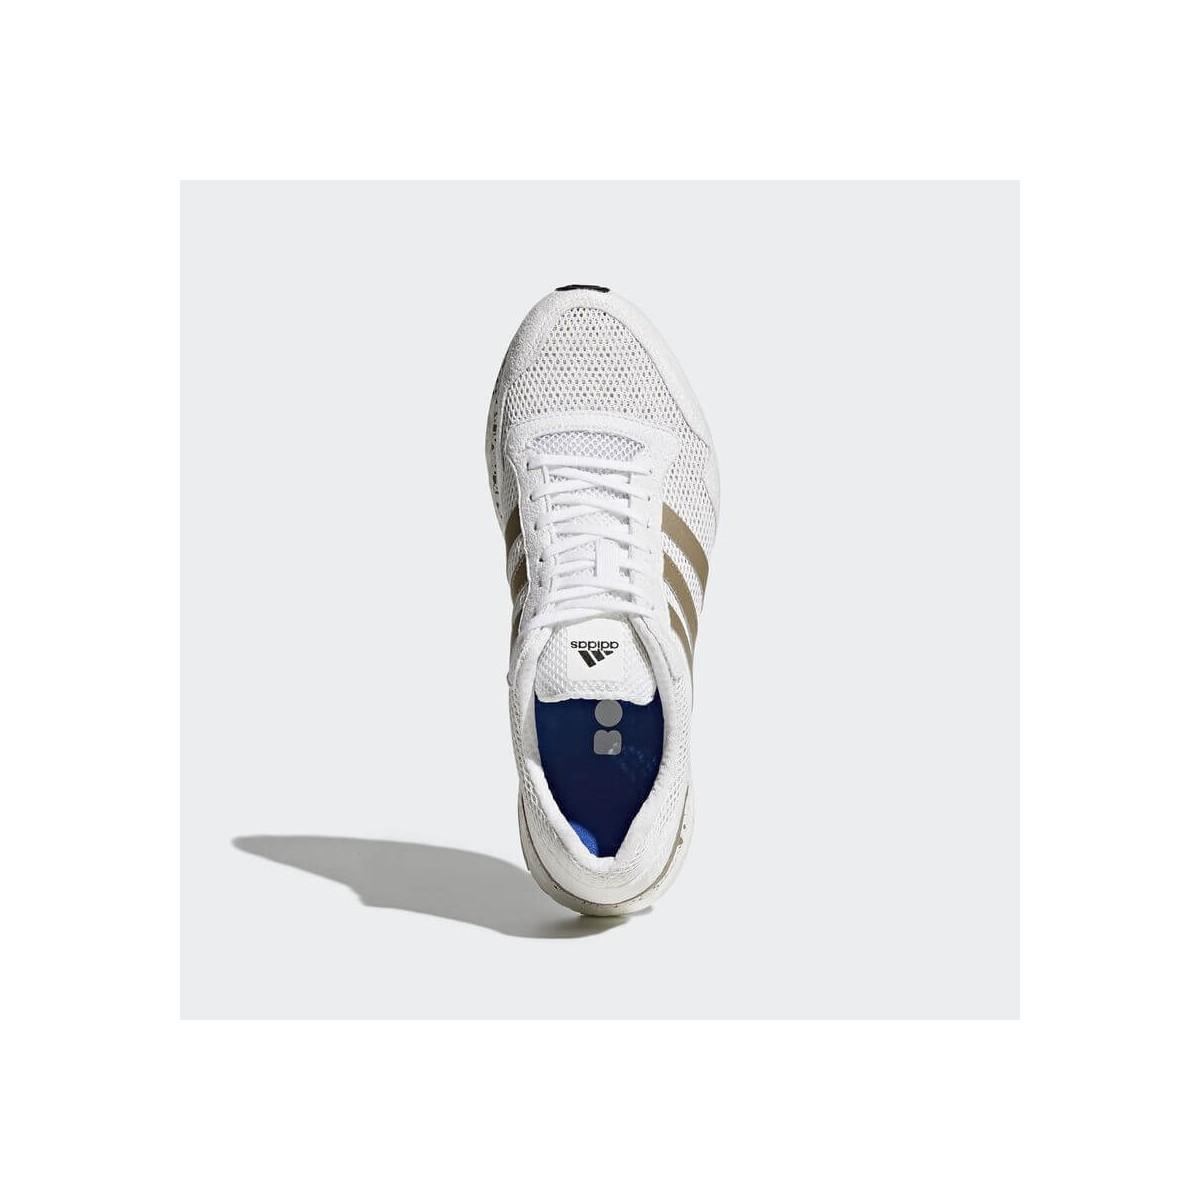 new concept 06169 6782c ... Adidas Adizero Adios 3 Boost blanco y metálico Hombre PV18 ...